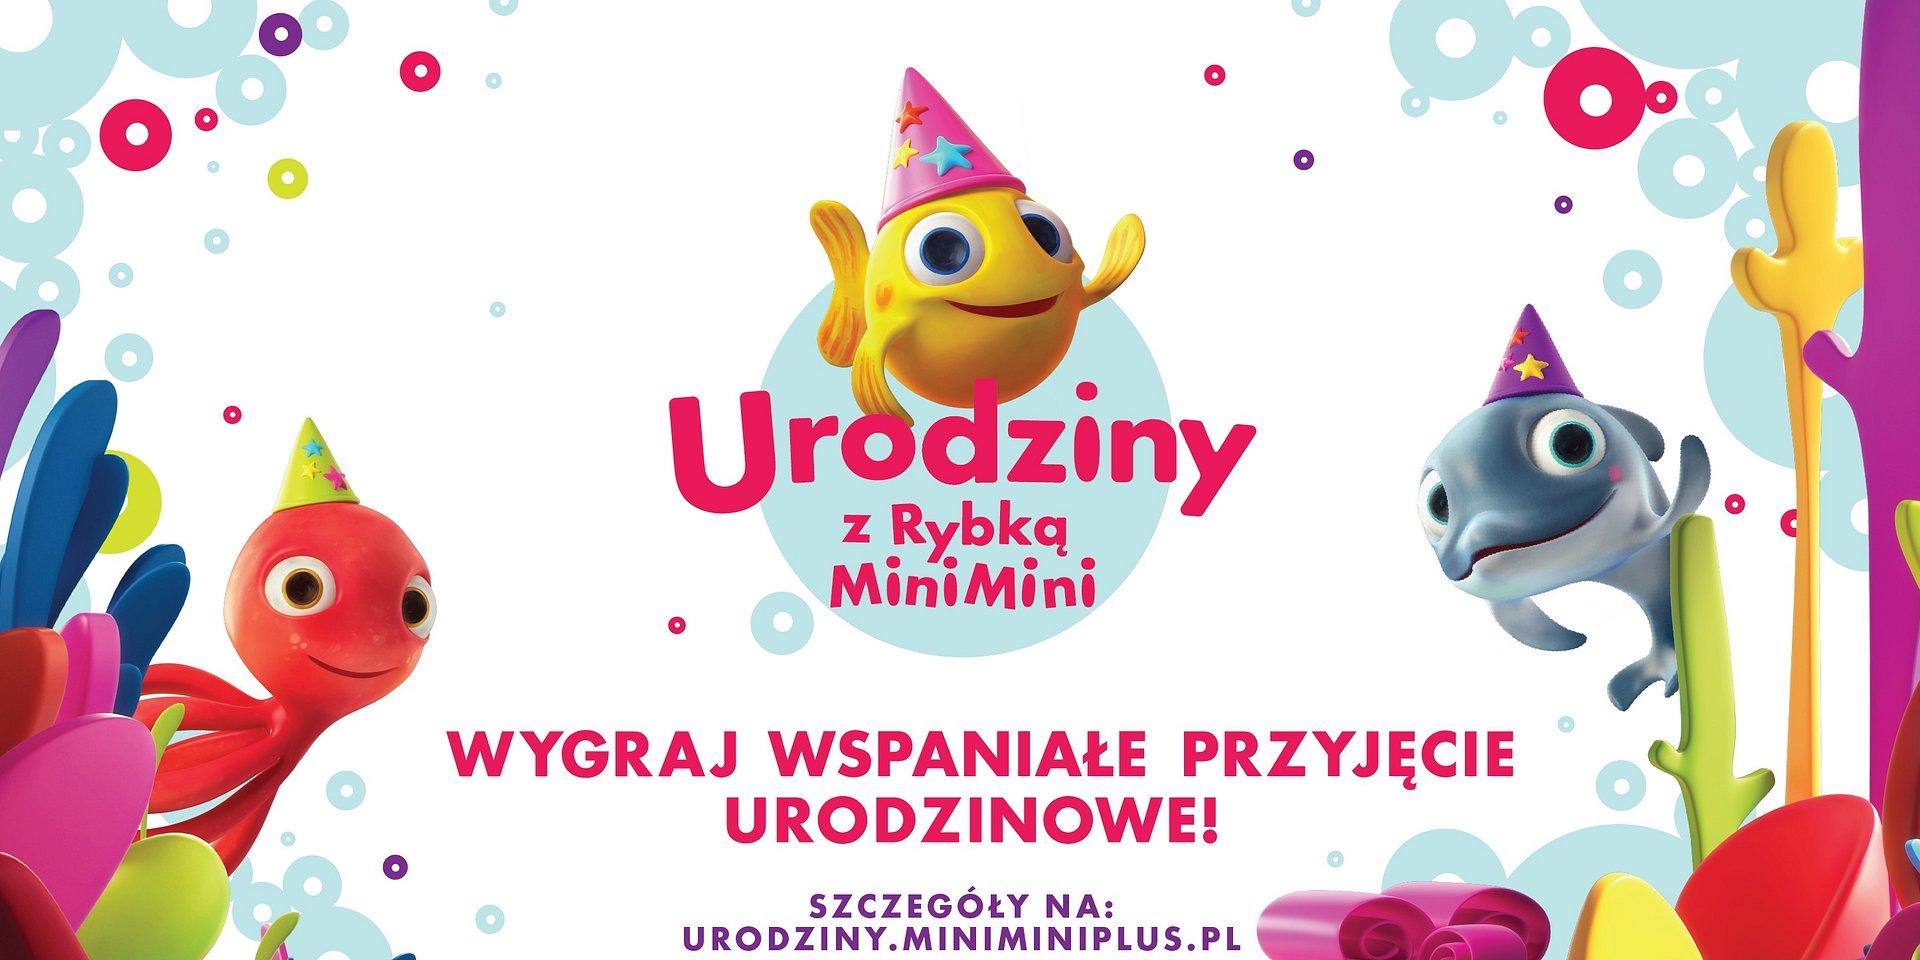 Wspólnie świętujmy 15 urodziny Rybki MiniMini!